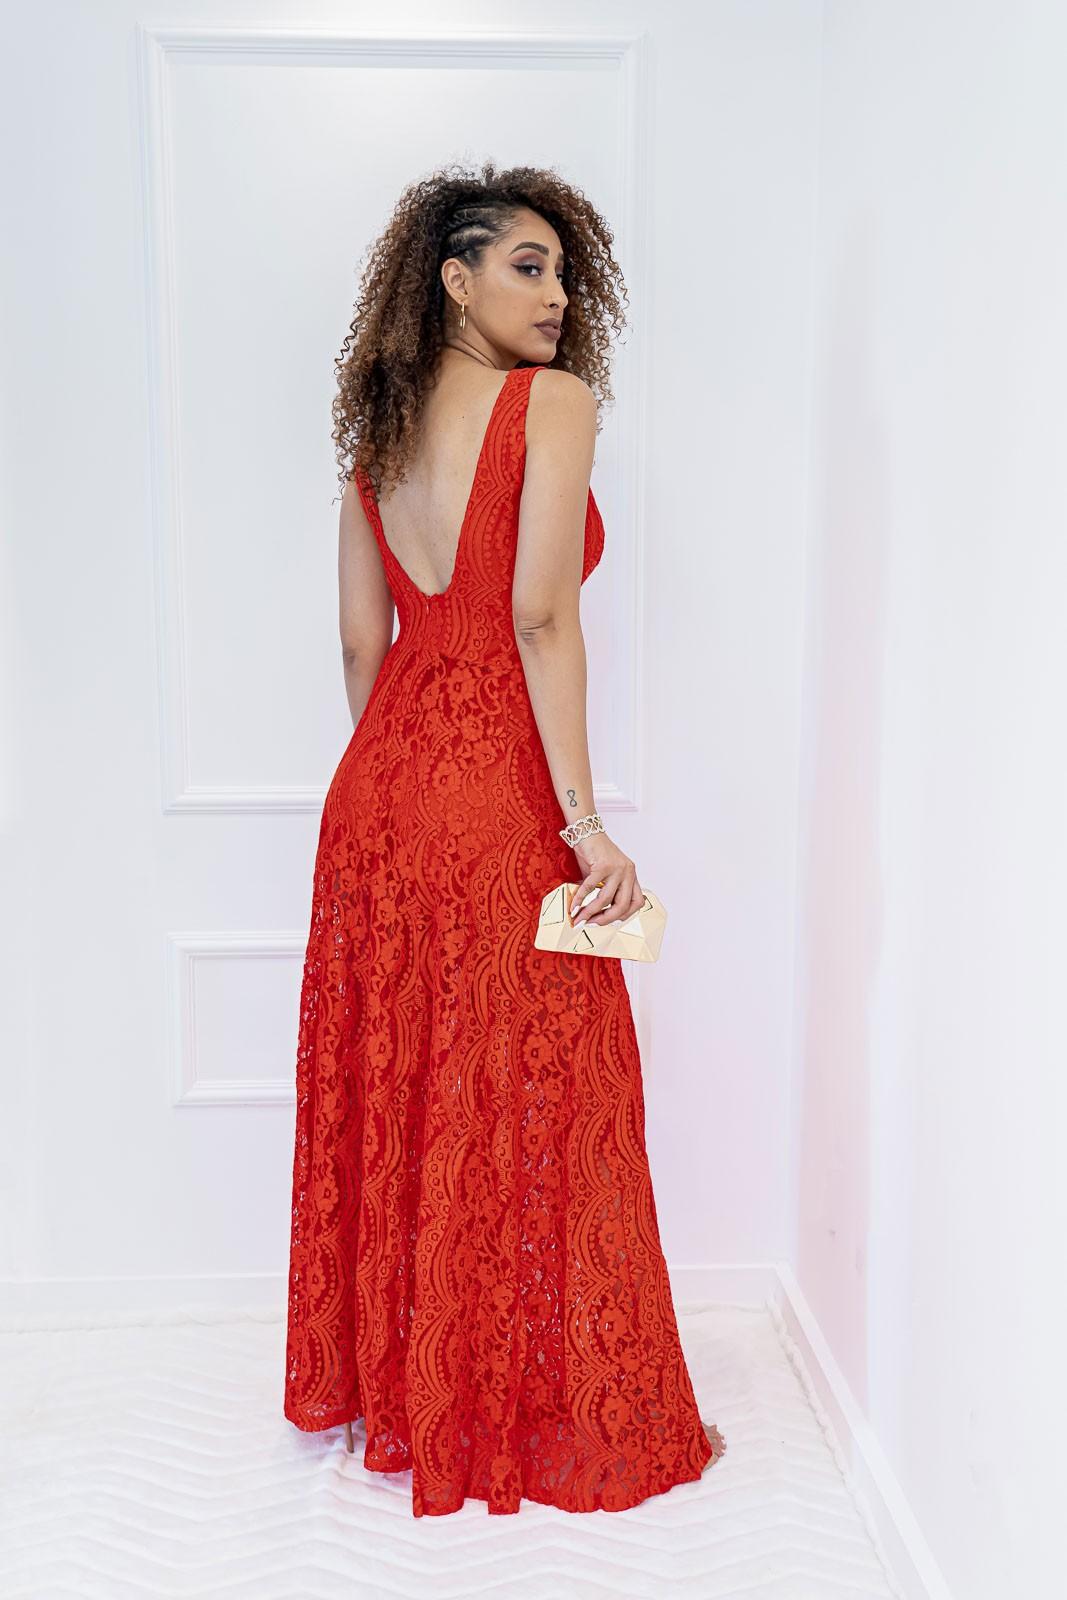 Vestido Longo Renda Vermelho com Fenda